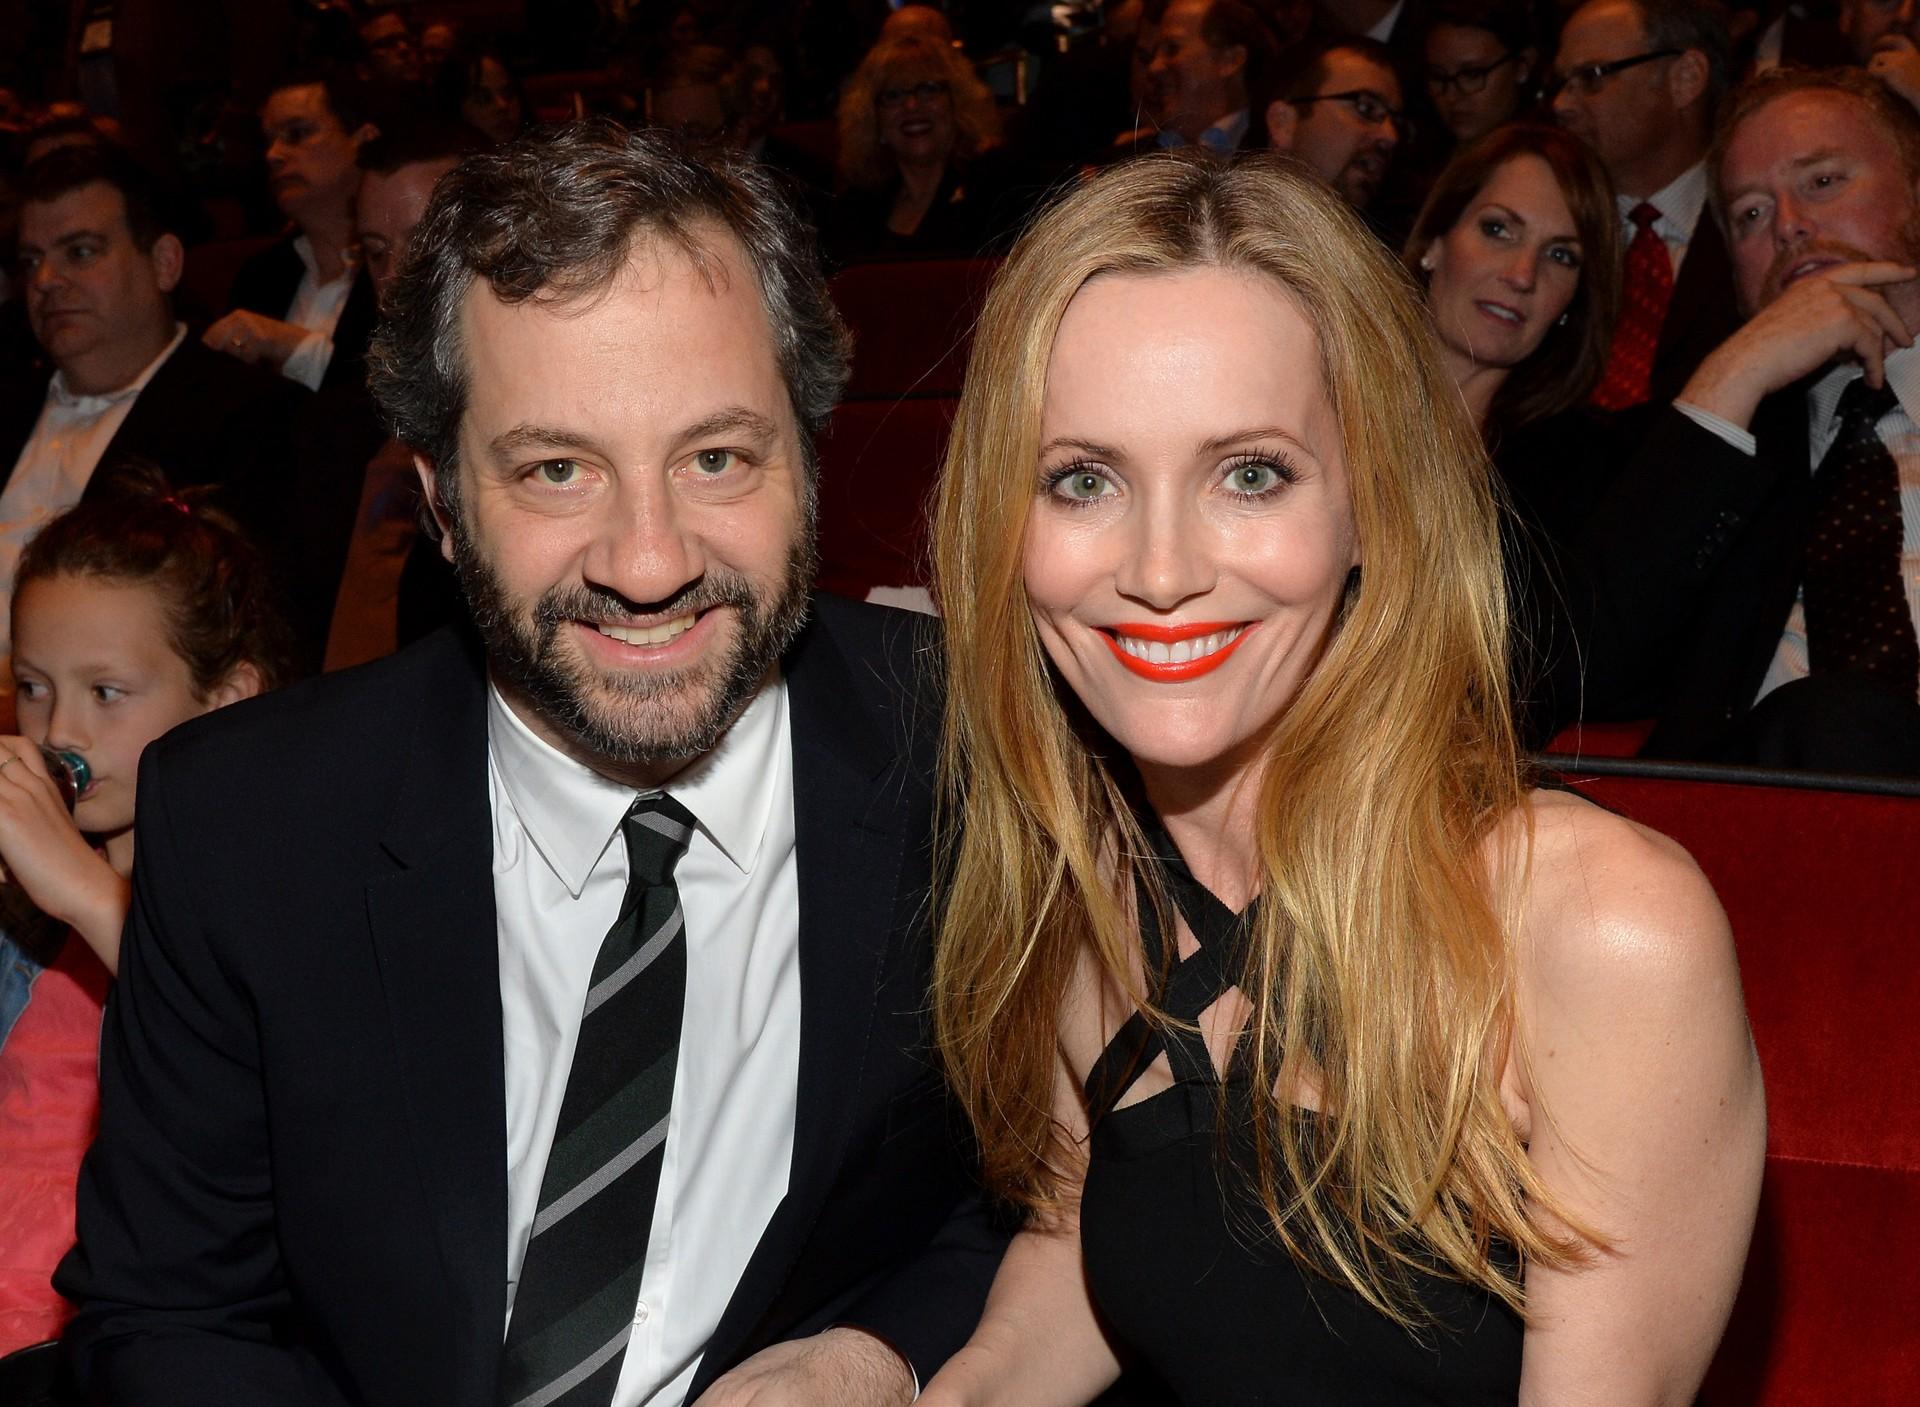 Juntos, eles dominam o mundo da comédia. Leslie participou de alguns filmes do marido, como 'Bem-Vindo aos 40' e 'Ligeiramente Grávidos'. (Foto: Getty Images)